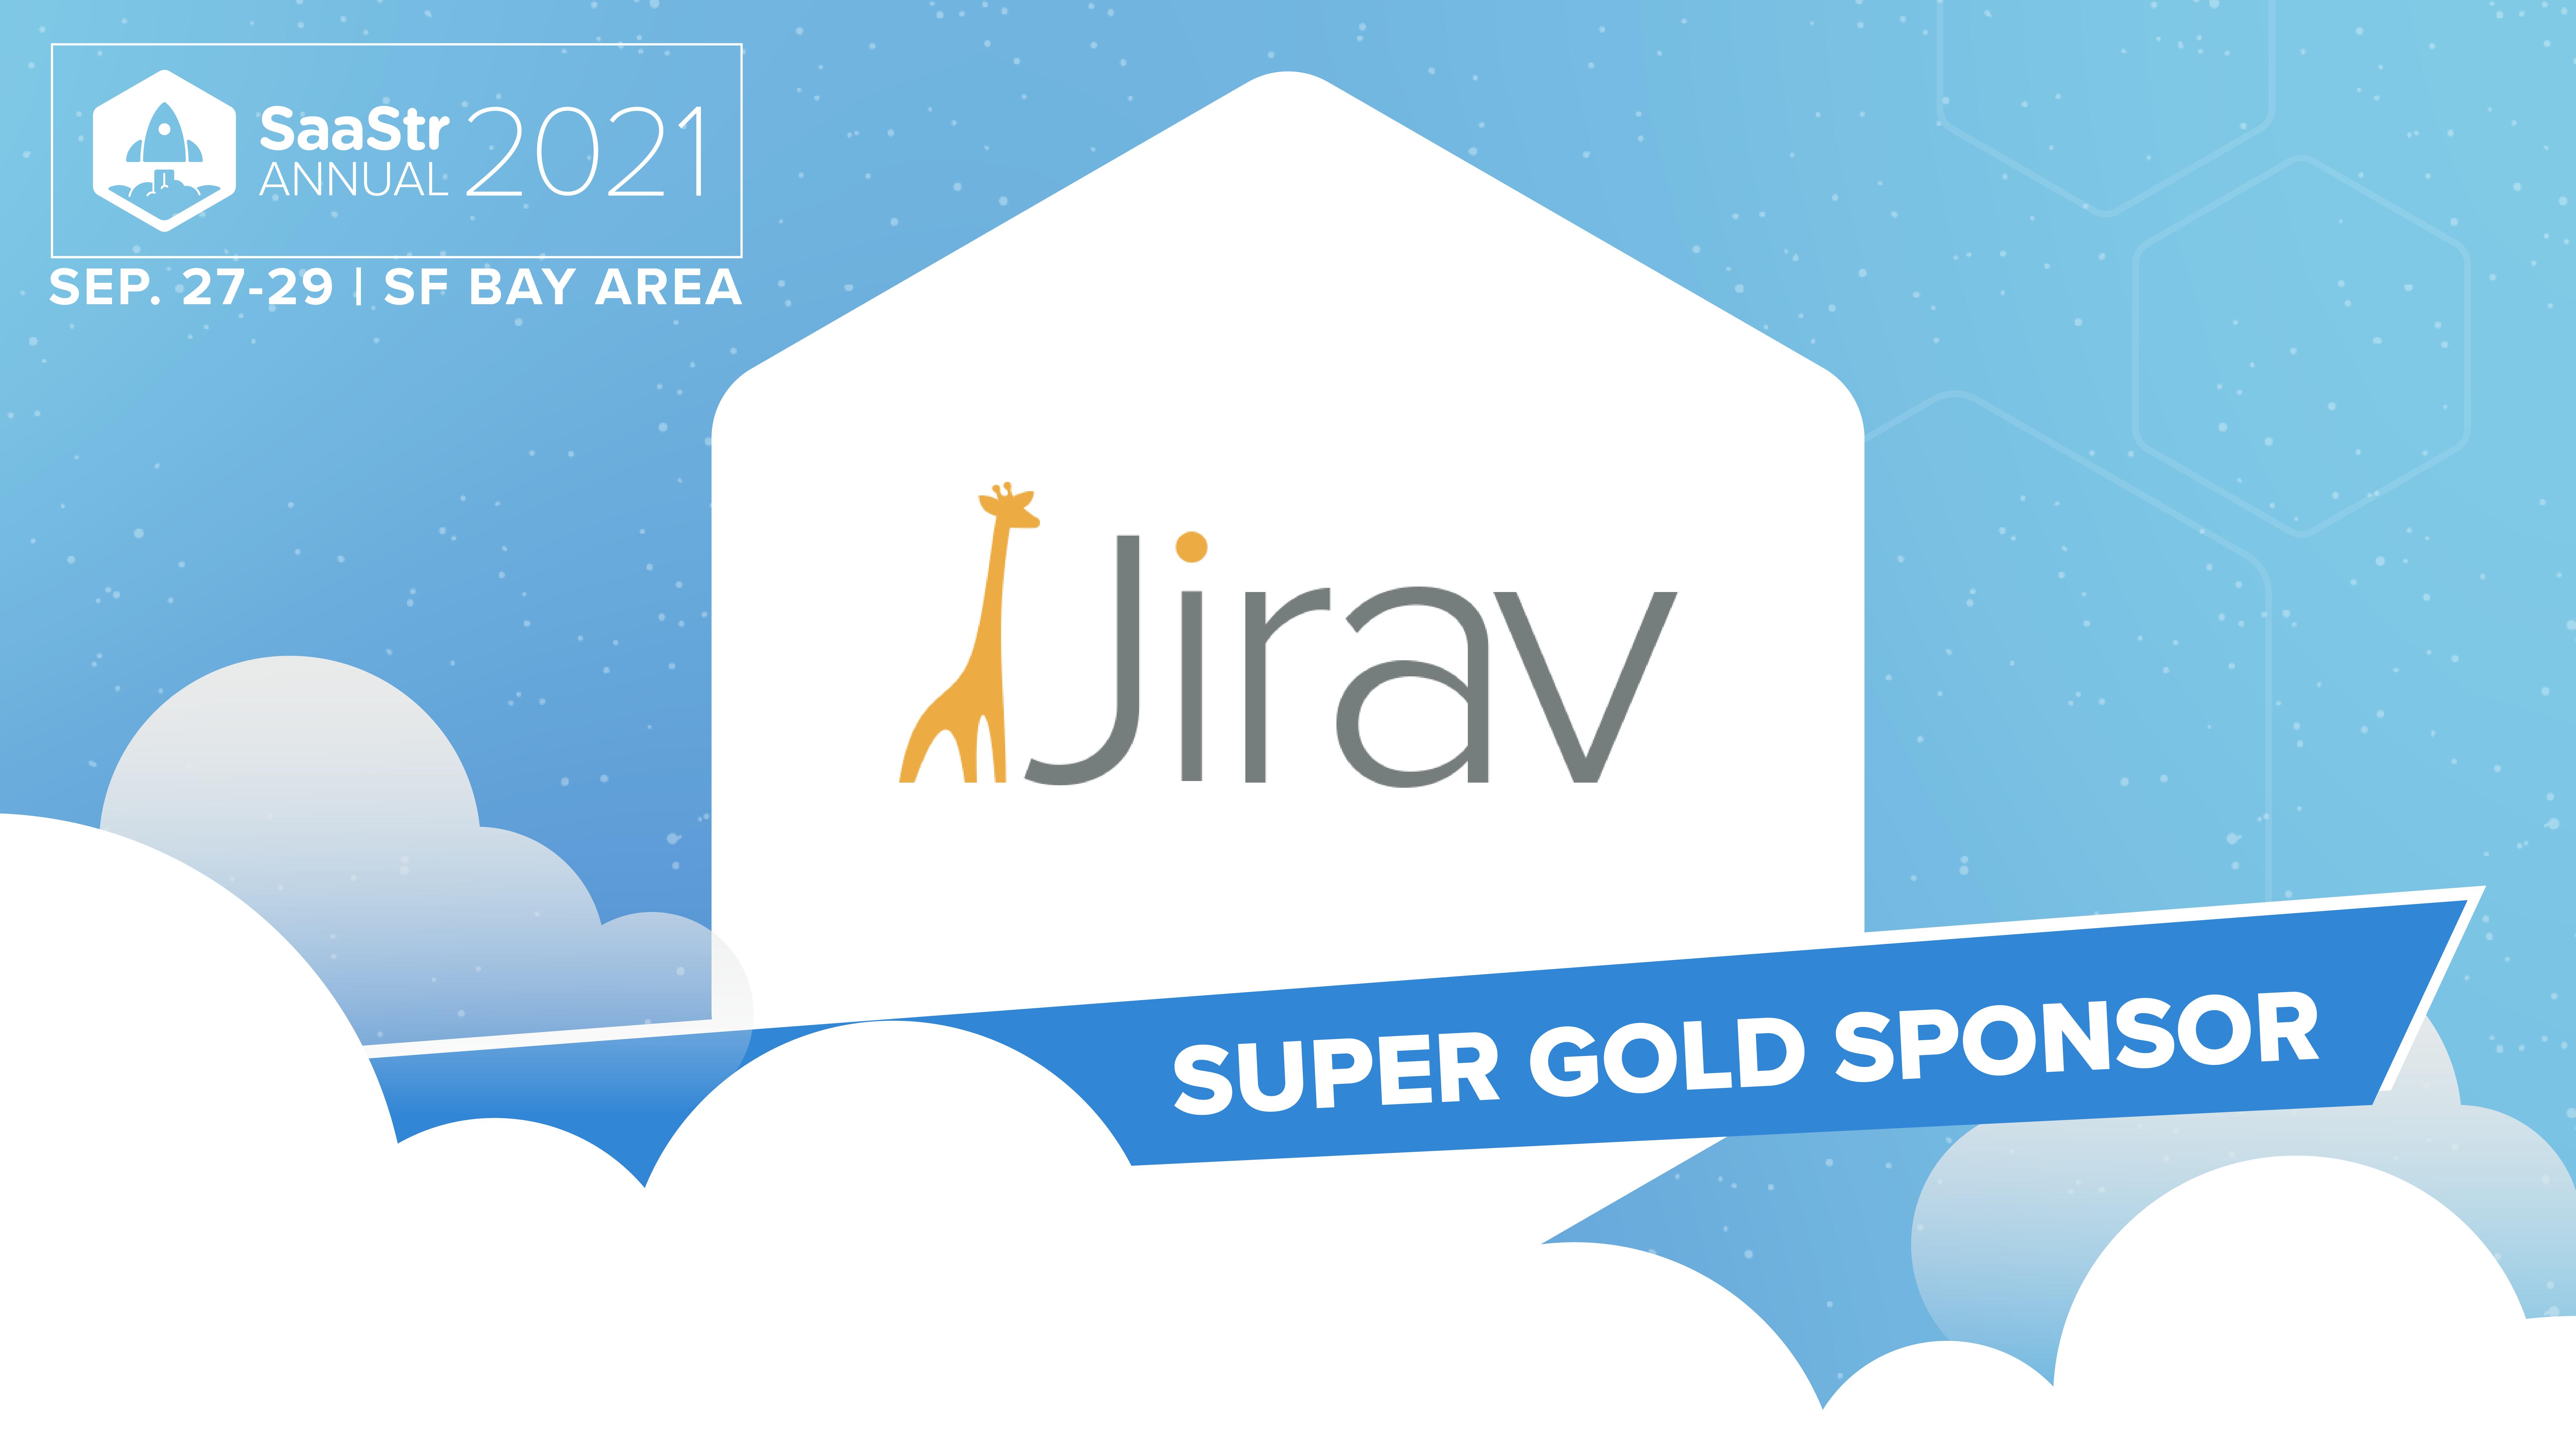 Jirav is headed to SaaStr Annual 2021!